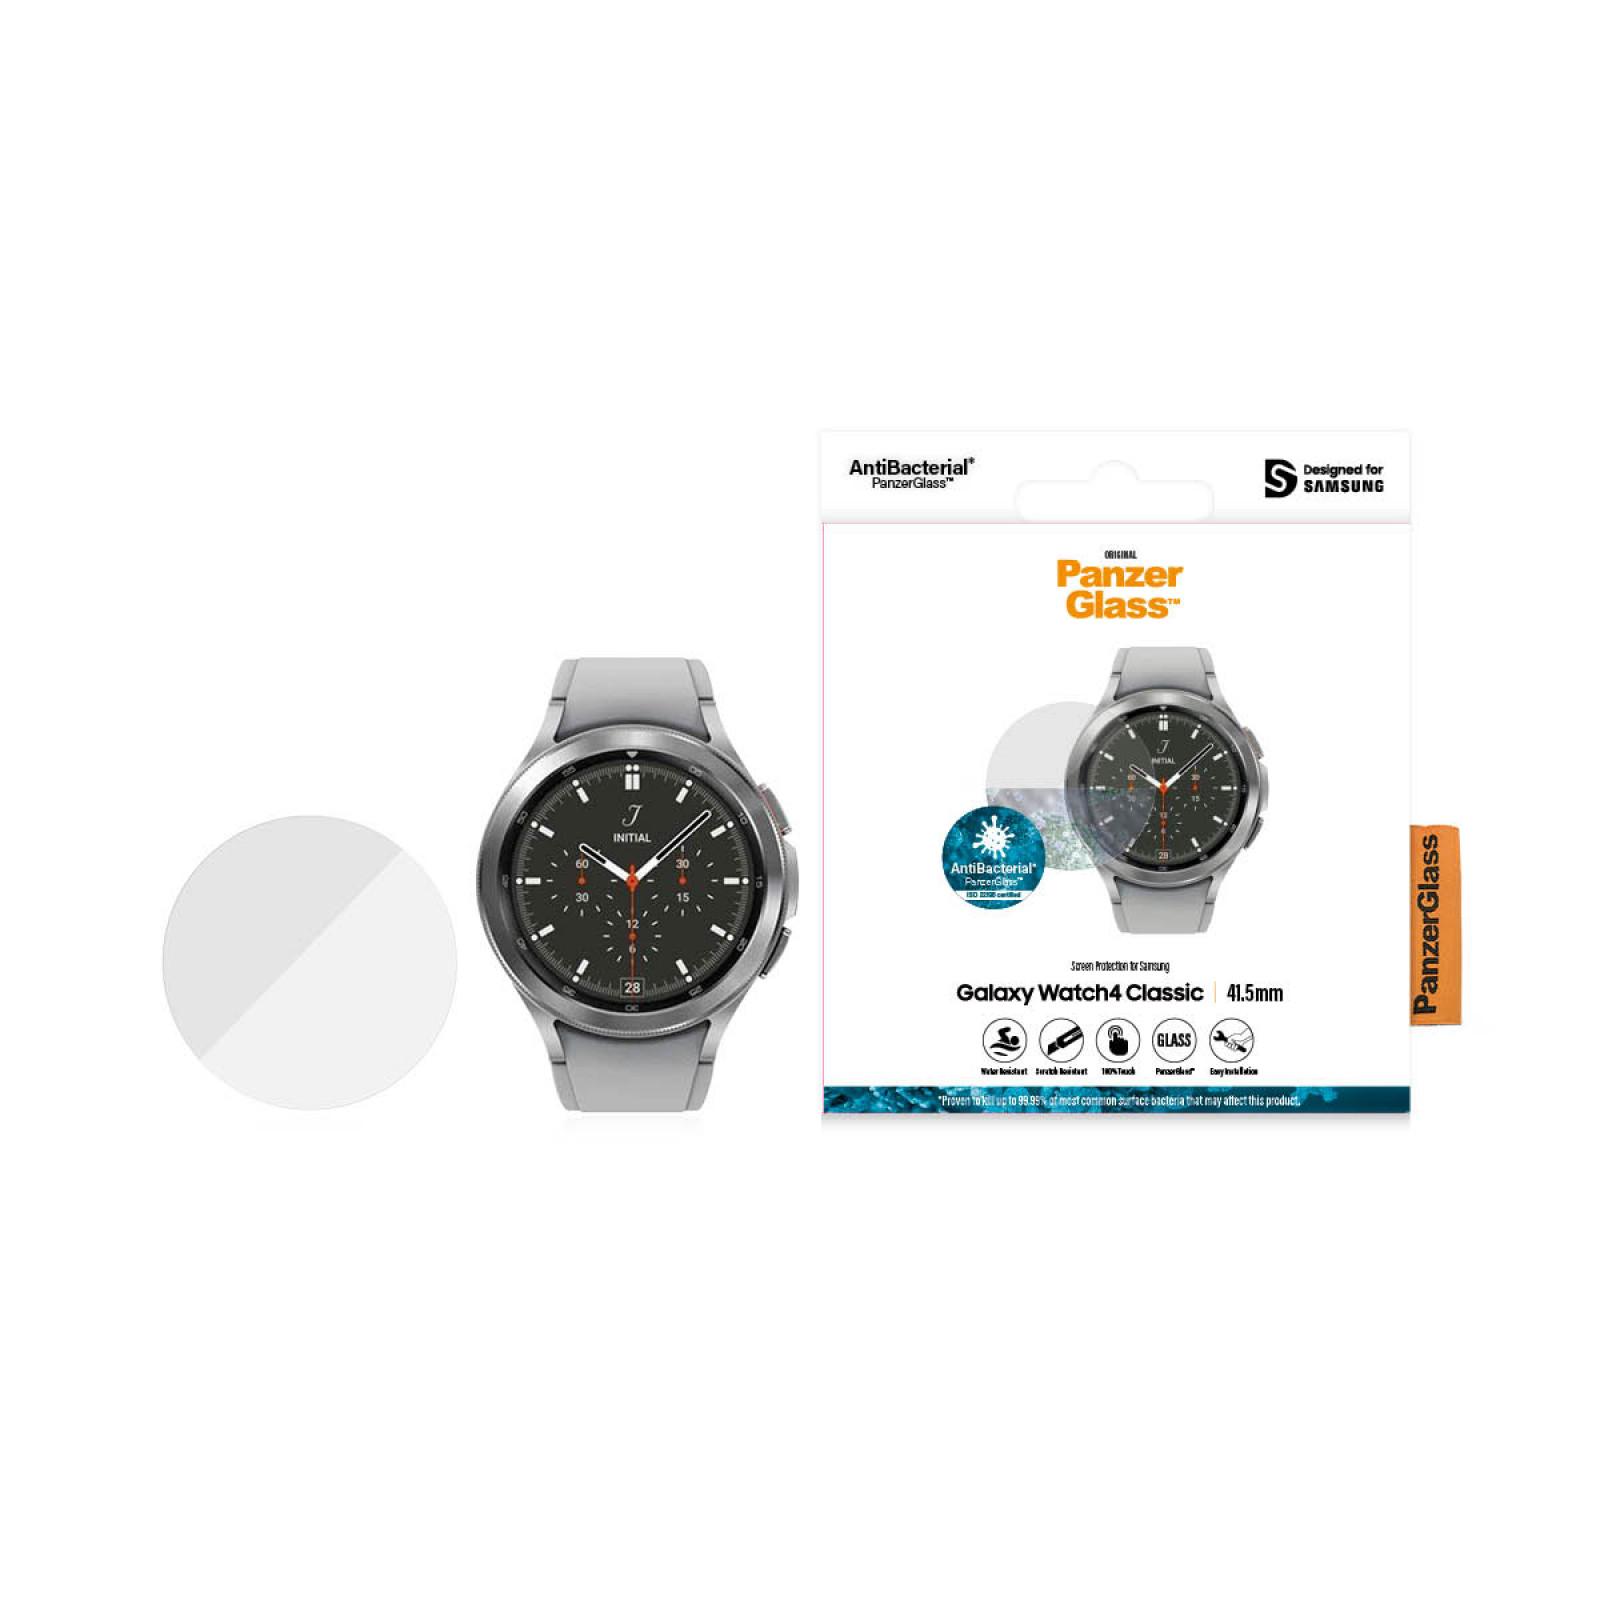 Стъклен протектор за часовник PanzerGlass за Samsung Galaxy Watch 4 Classic, 41.5mm